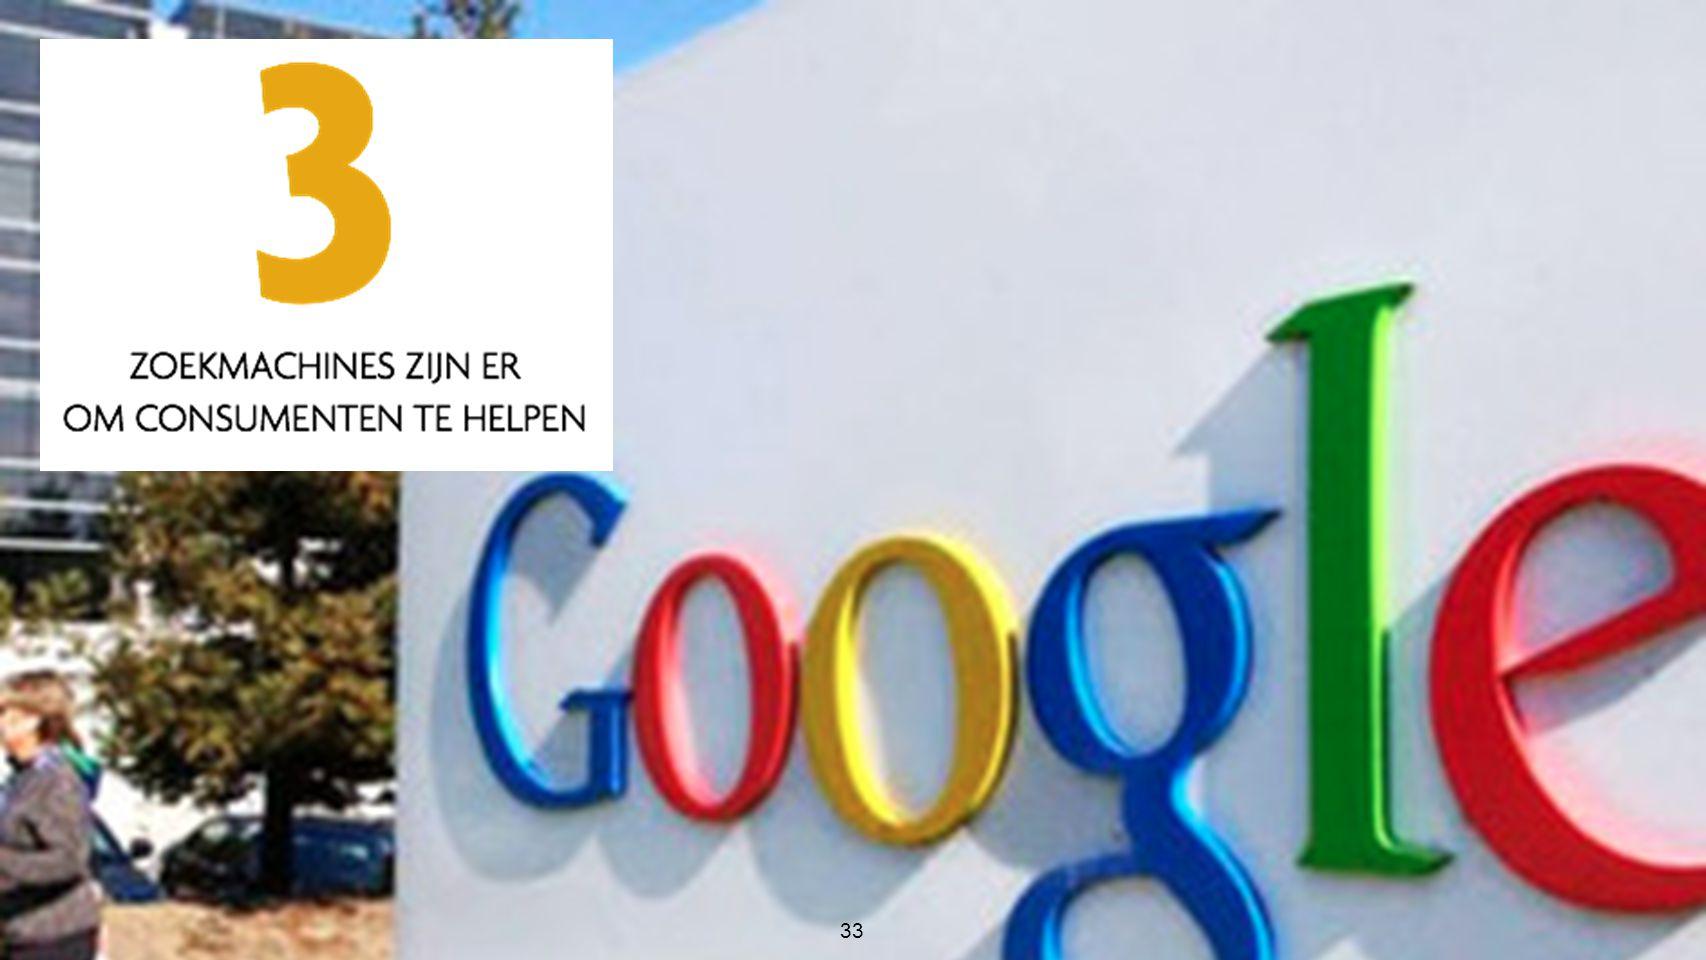 Optimaliseer voor je klant, niet voor Google